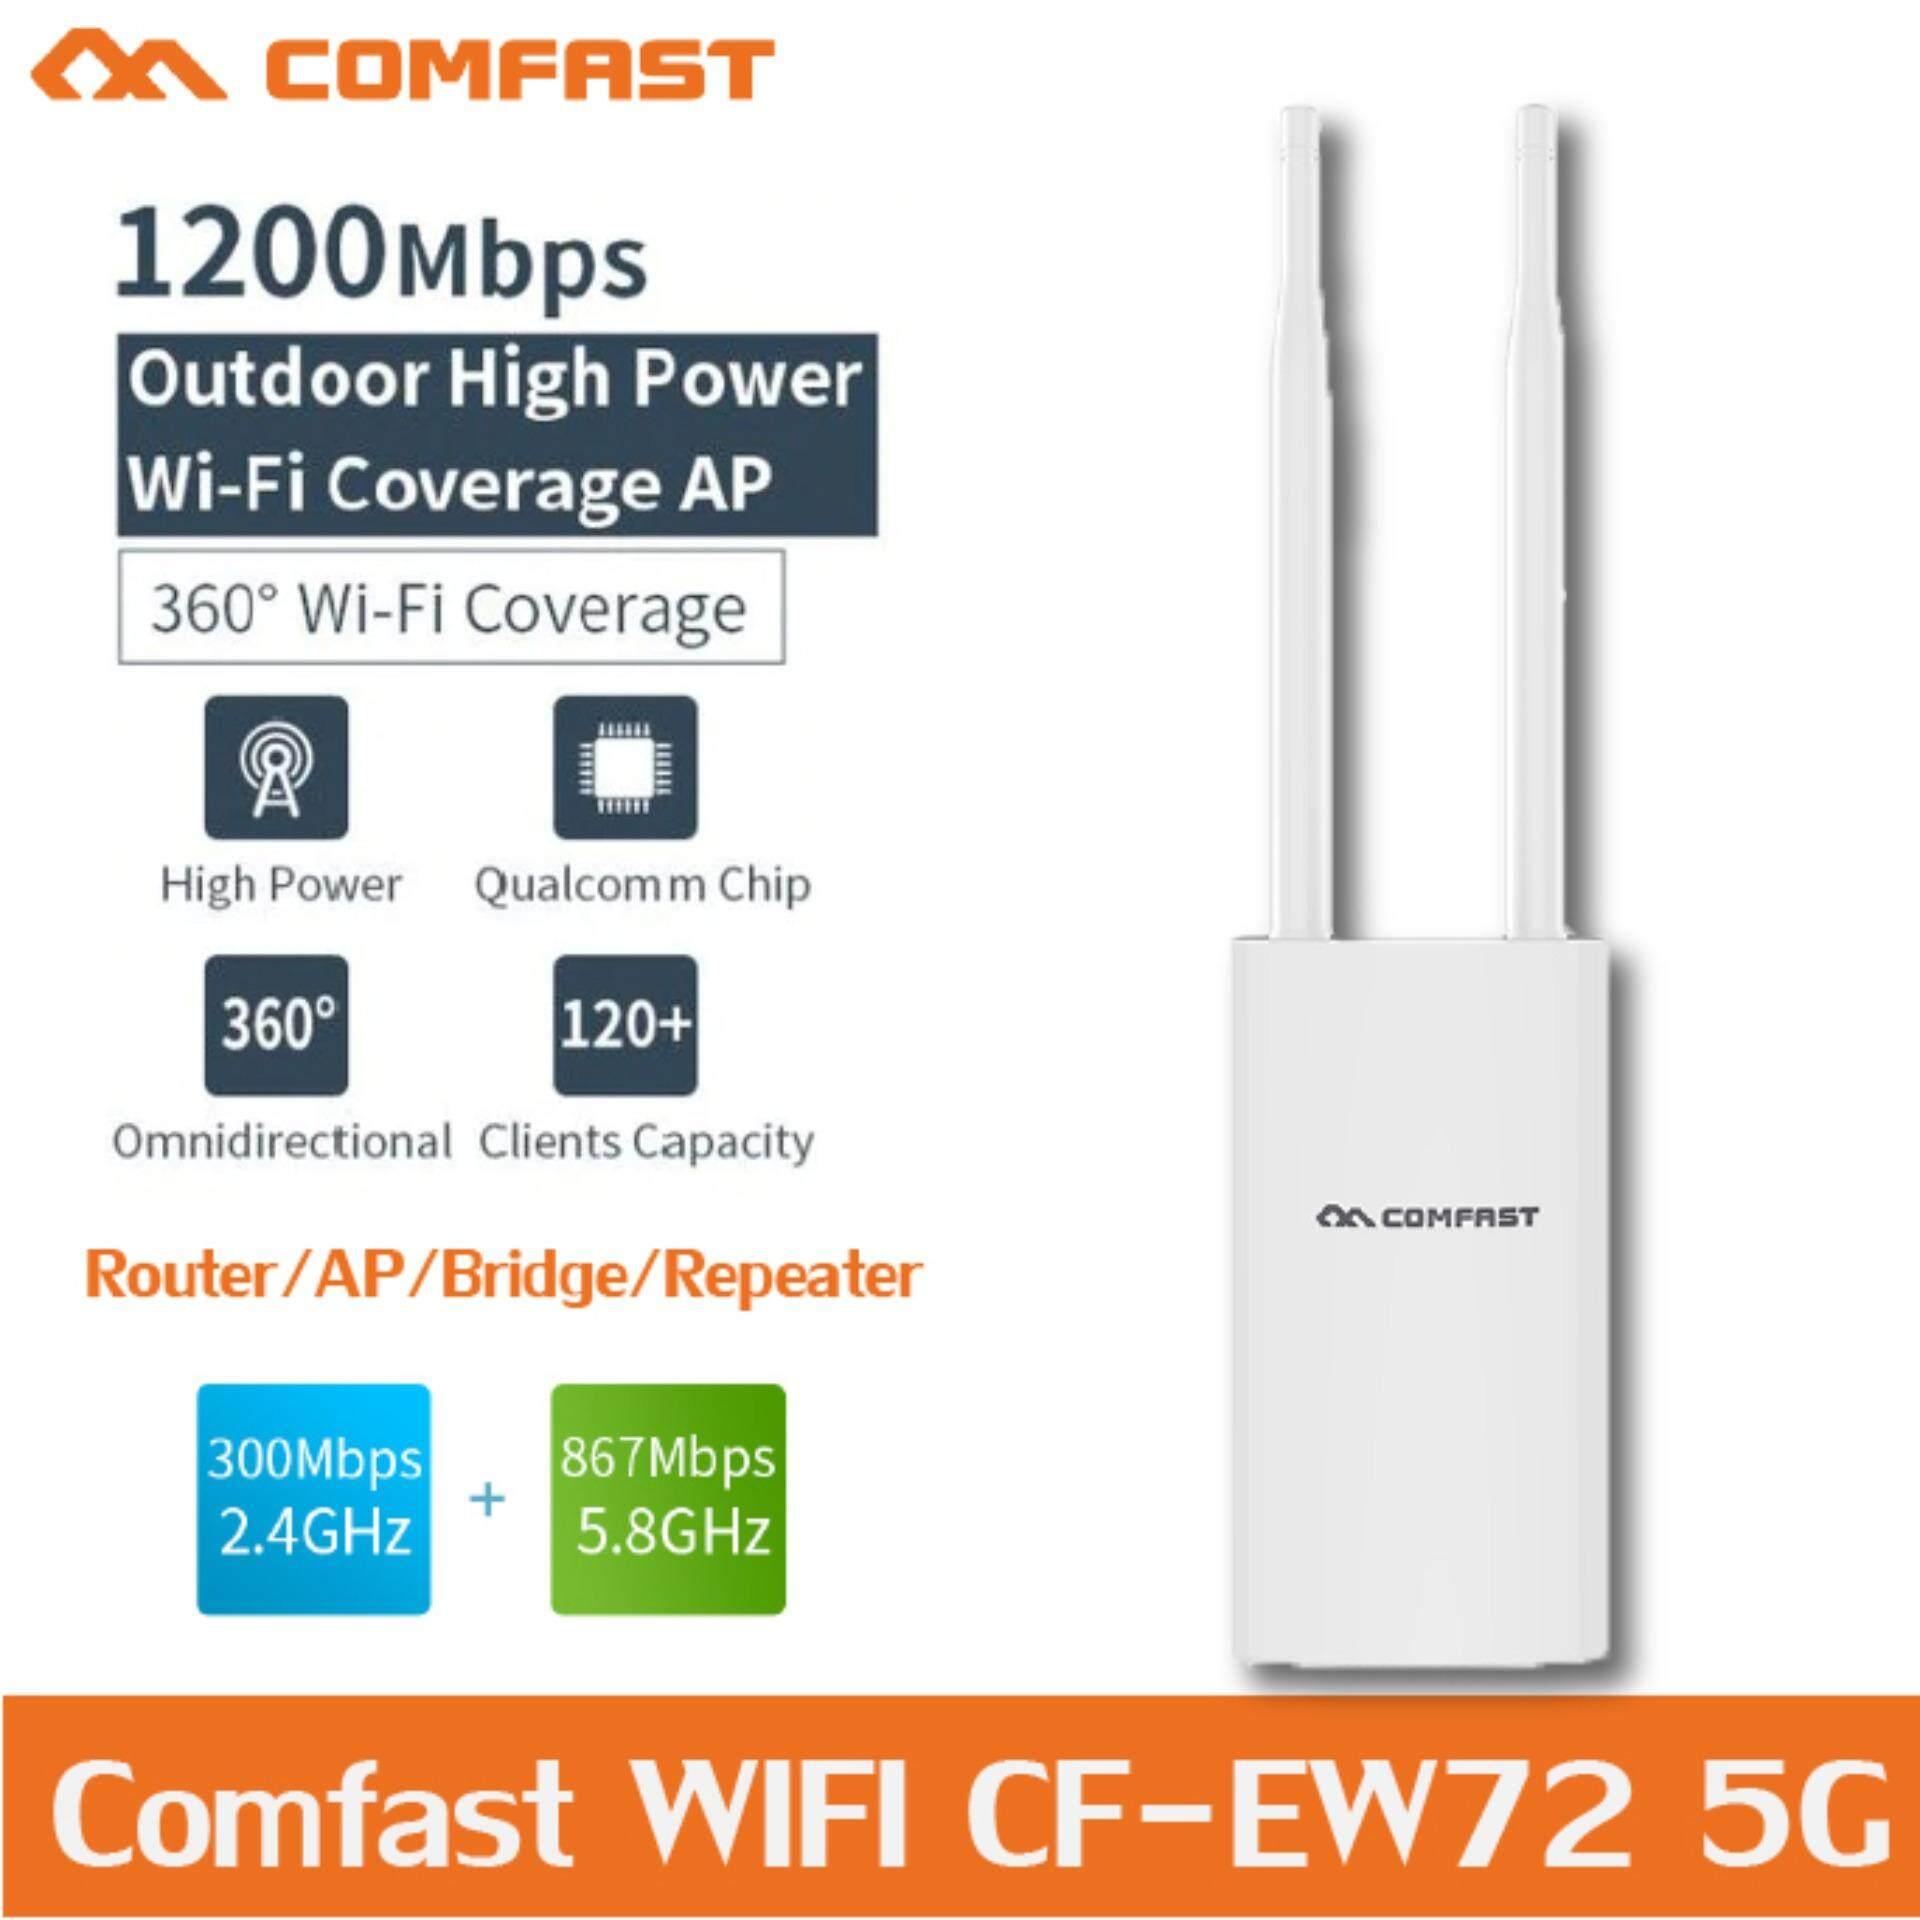 ตัวกระจายสัญญาณ Wifi Router/ap/bridge/repeater ติดตั้งภายนอกอาคารได้ Comfast 1200mbps Cf-Ew72 ช่องสัญญาณคู่ 2.4g/5g High Power.